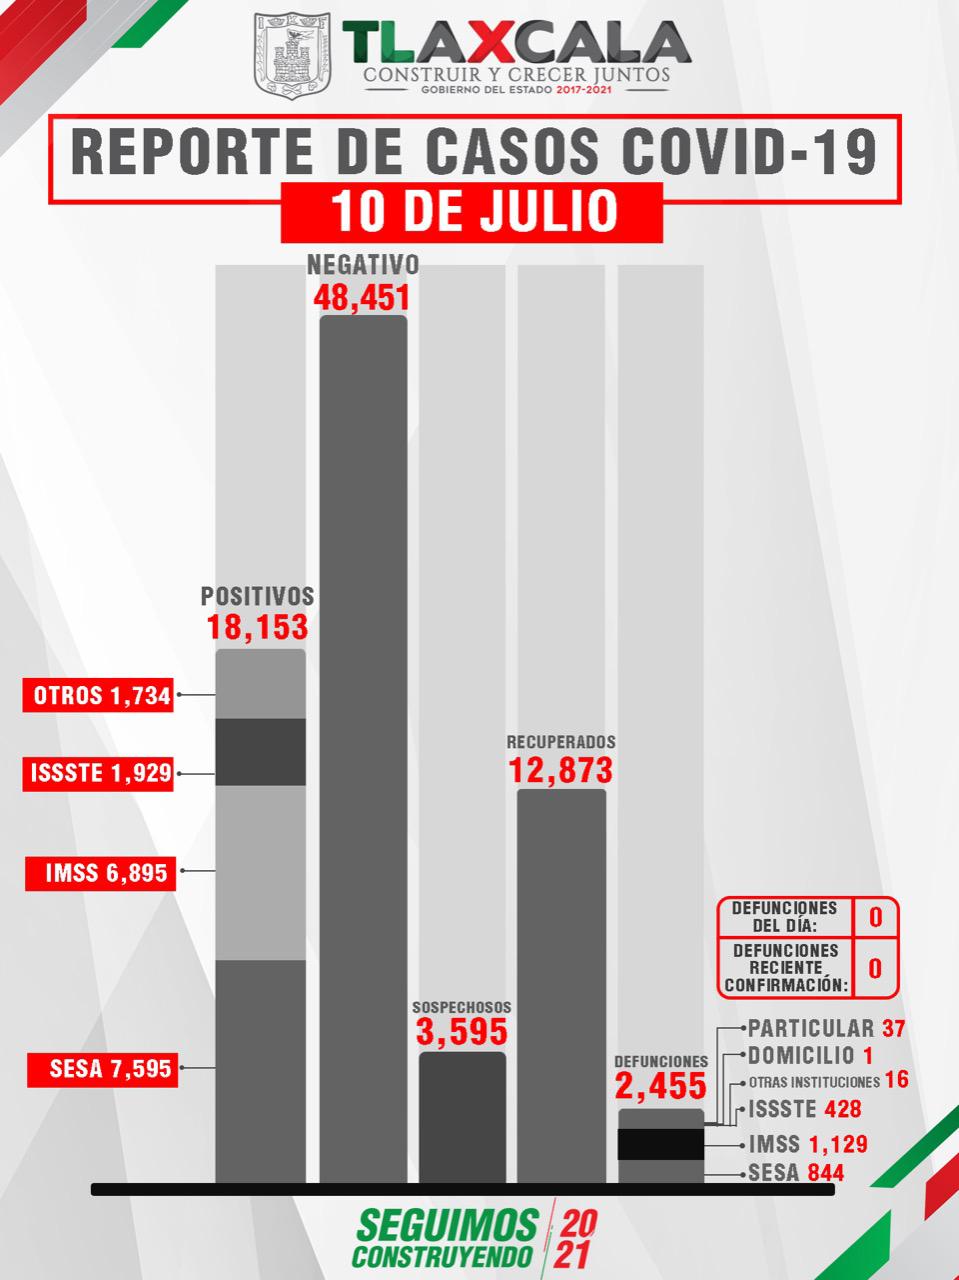 Tlaxcala, sin defunciones por Covid-19 este sábado reporta SESA